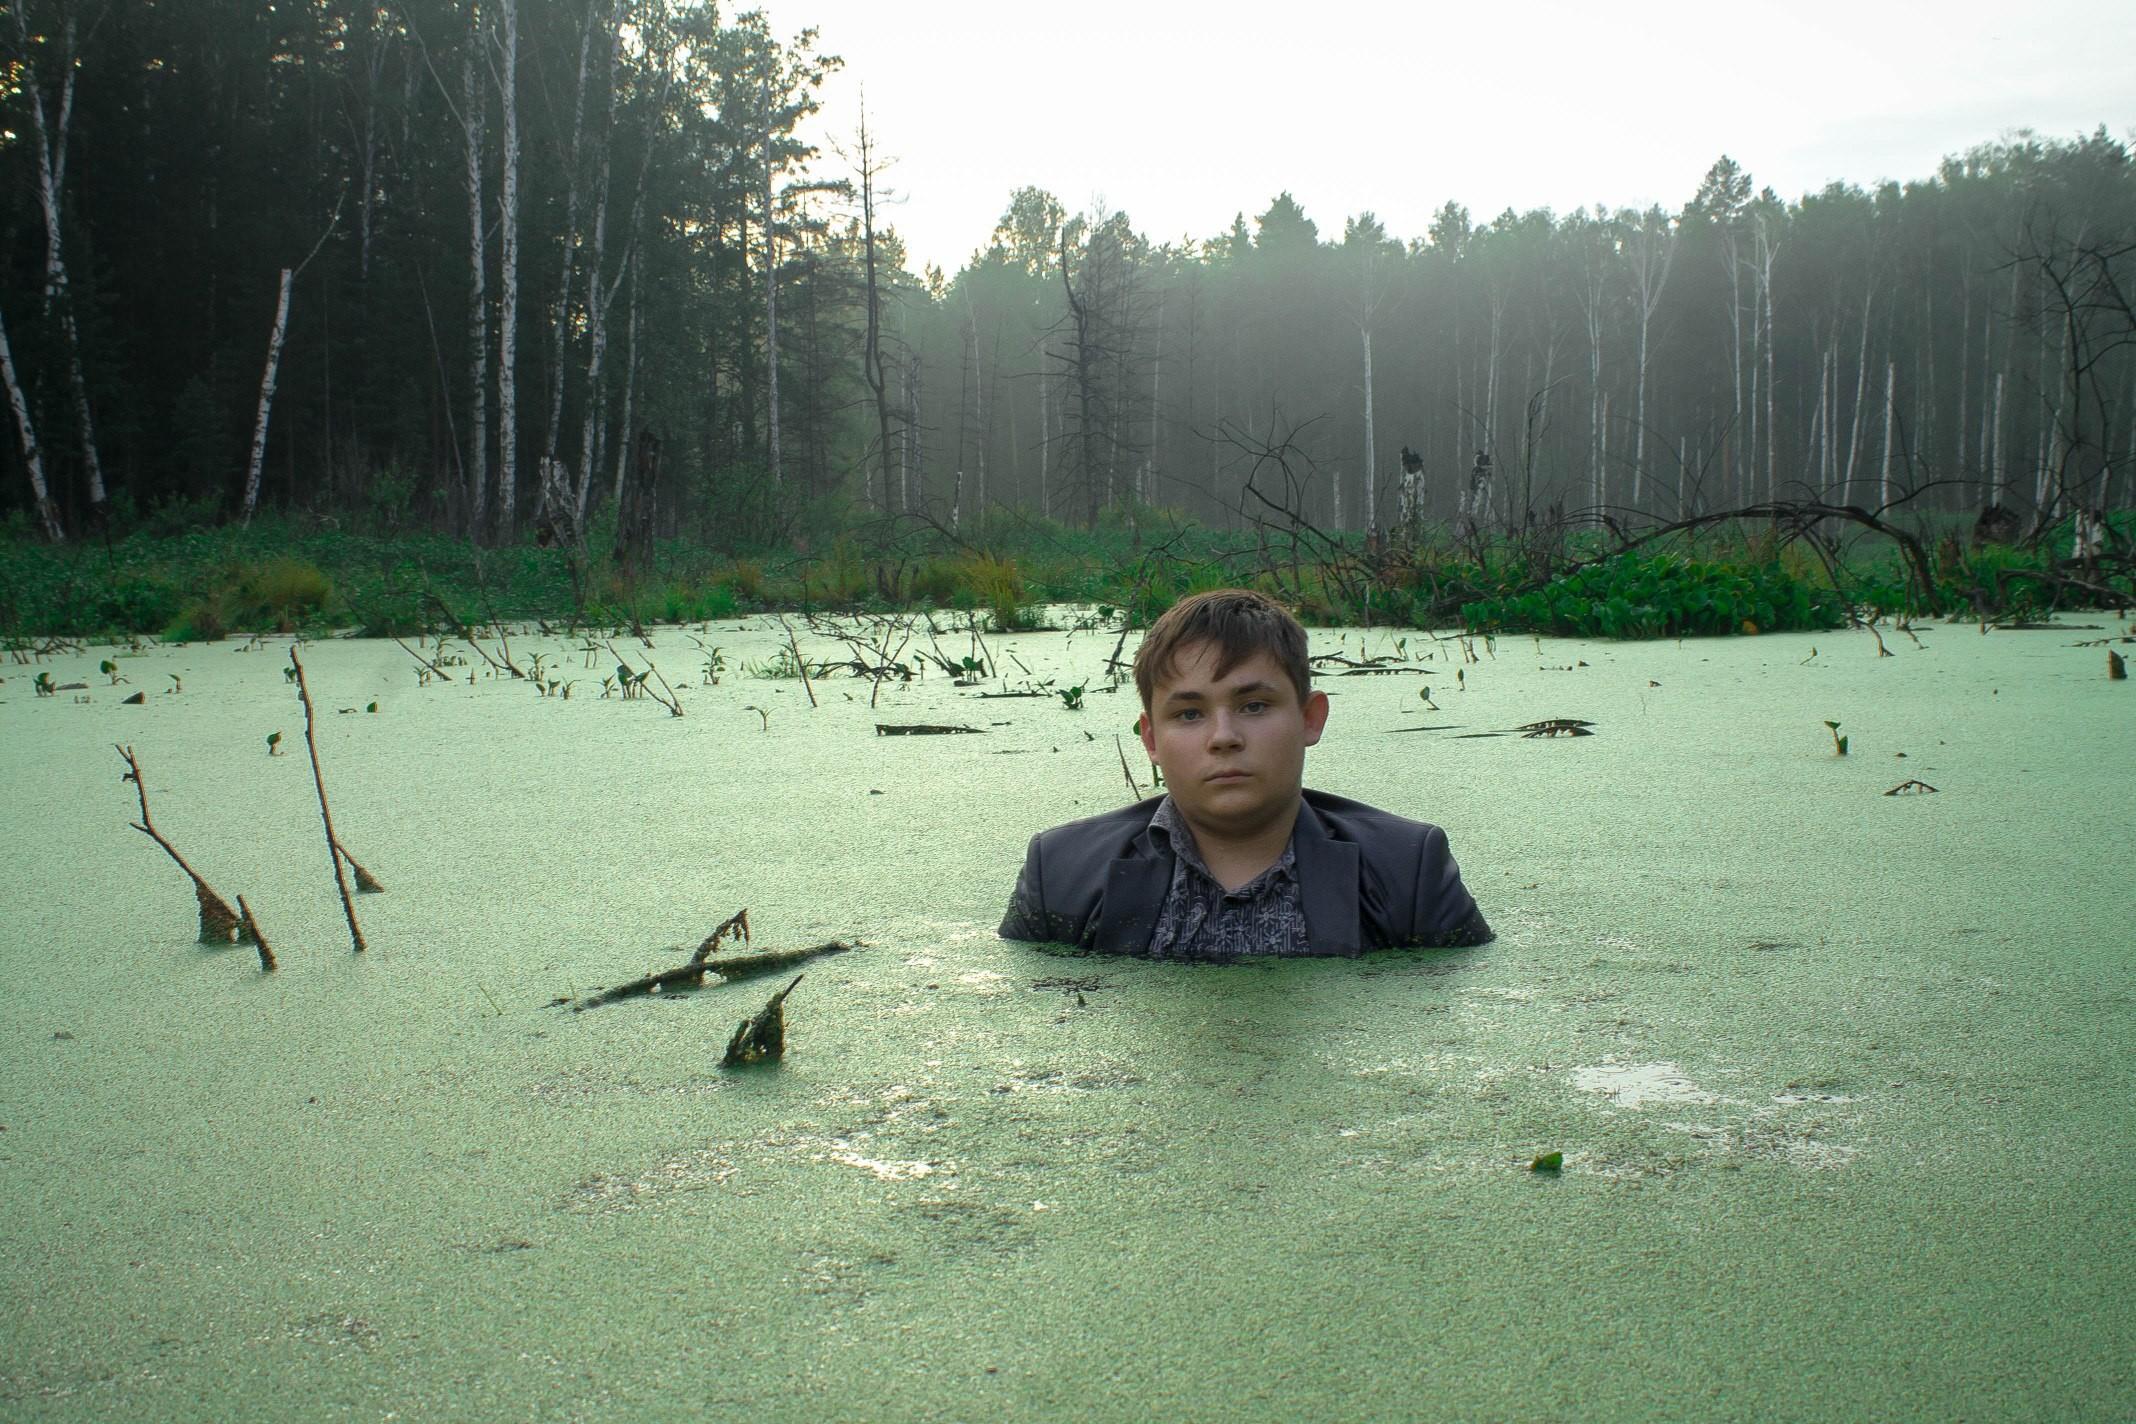 расположен одной парень сфотографировался в болоте удивительно верно сразу